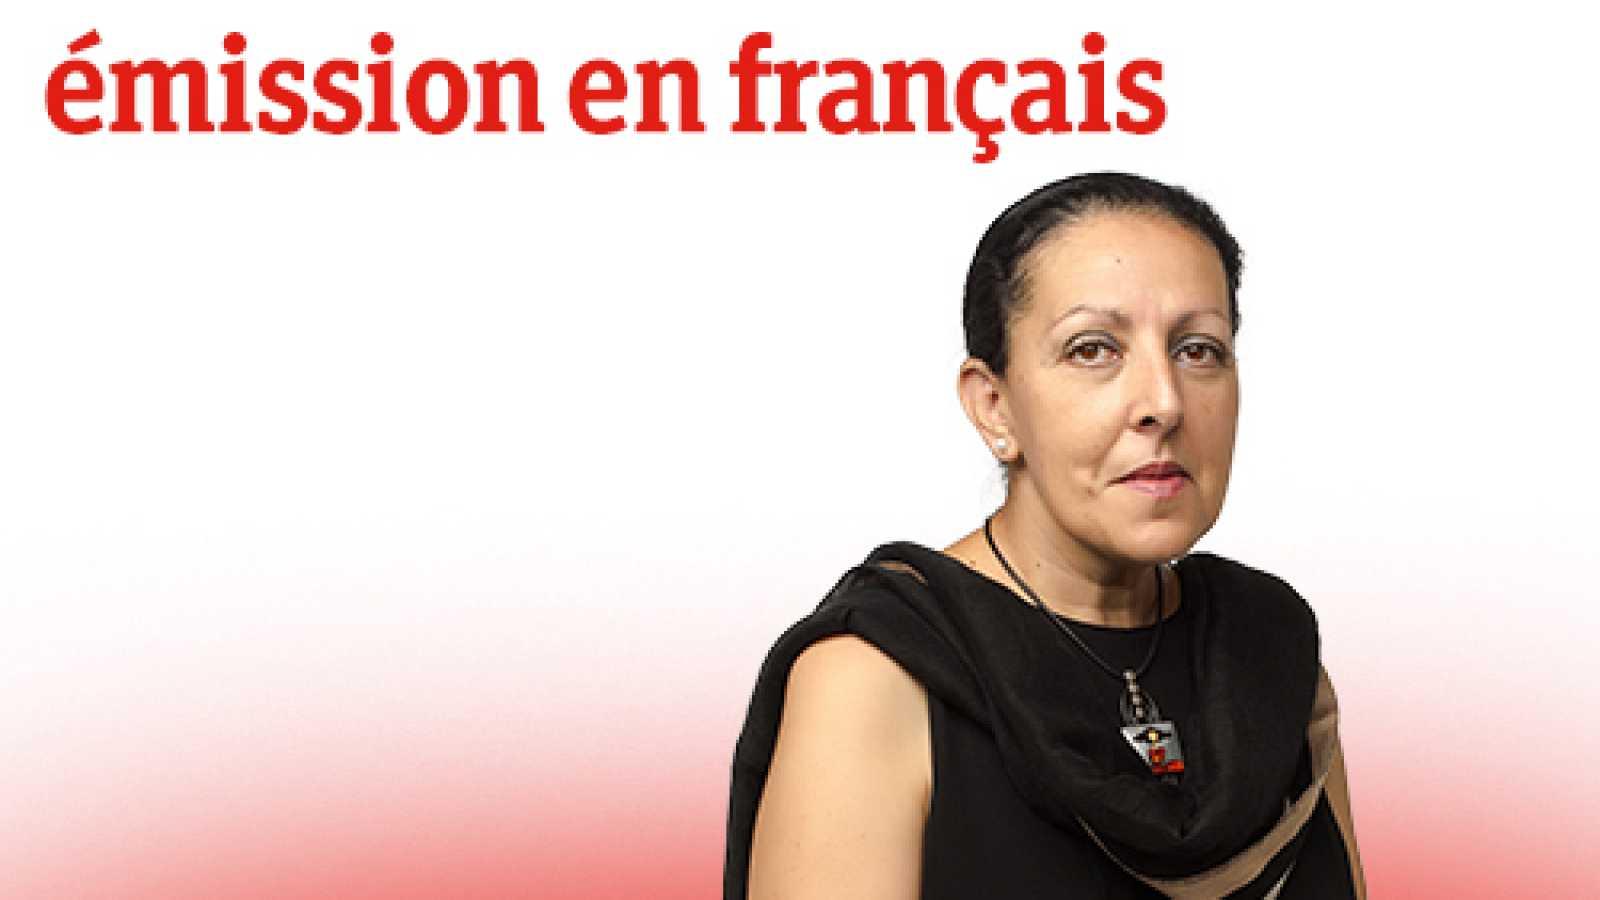 Emission en français - Qui était Alphonse XIII d'Espagne? - 13/10/20 - escuchar ahora